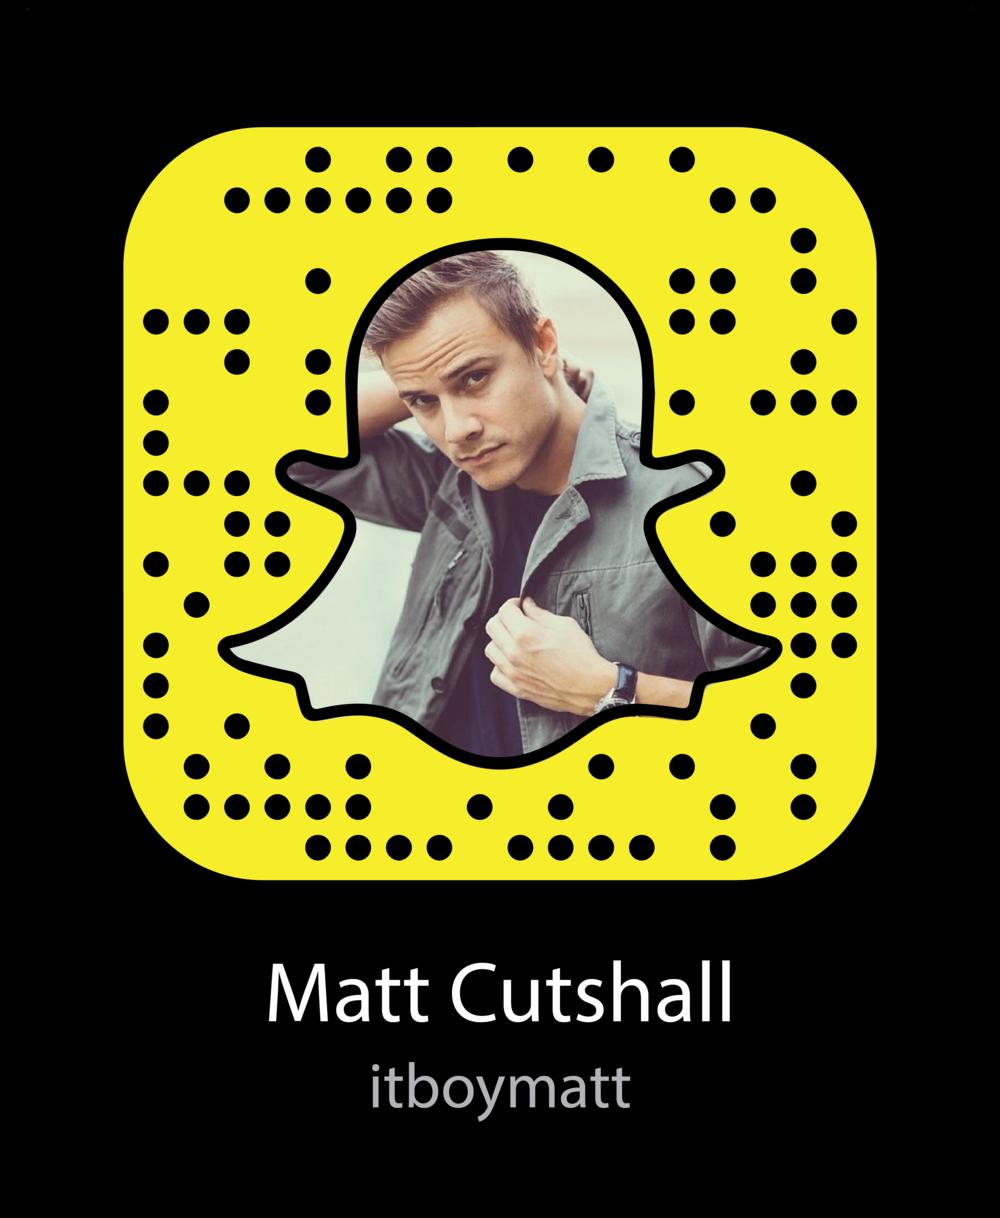 matt-cutshall-vine-celebrity-snapchat-snapcode